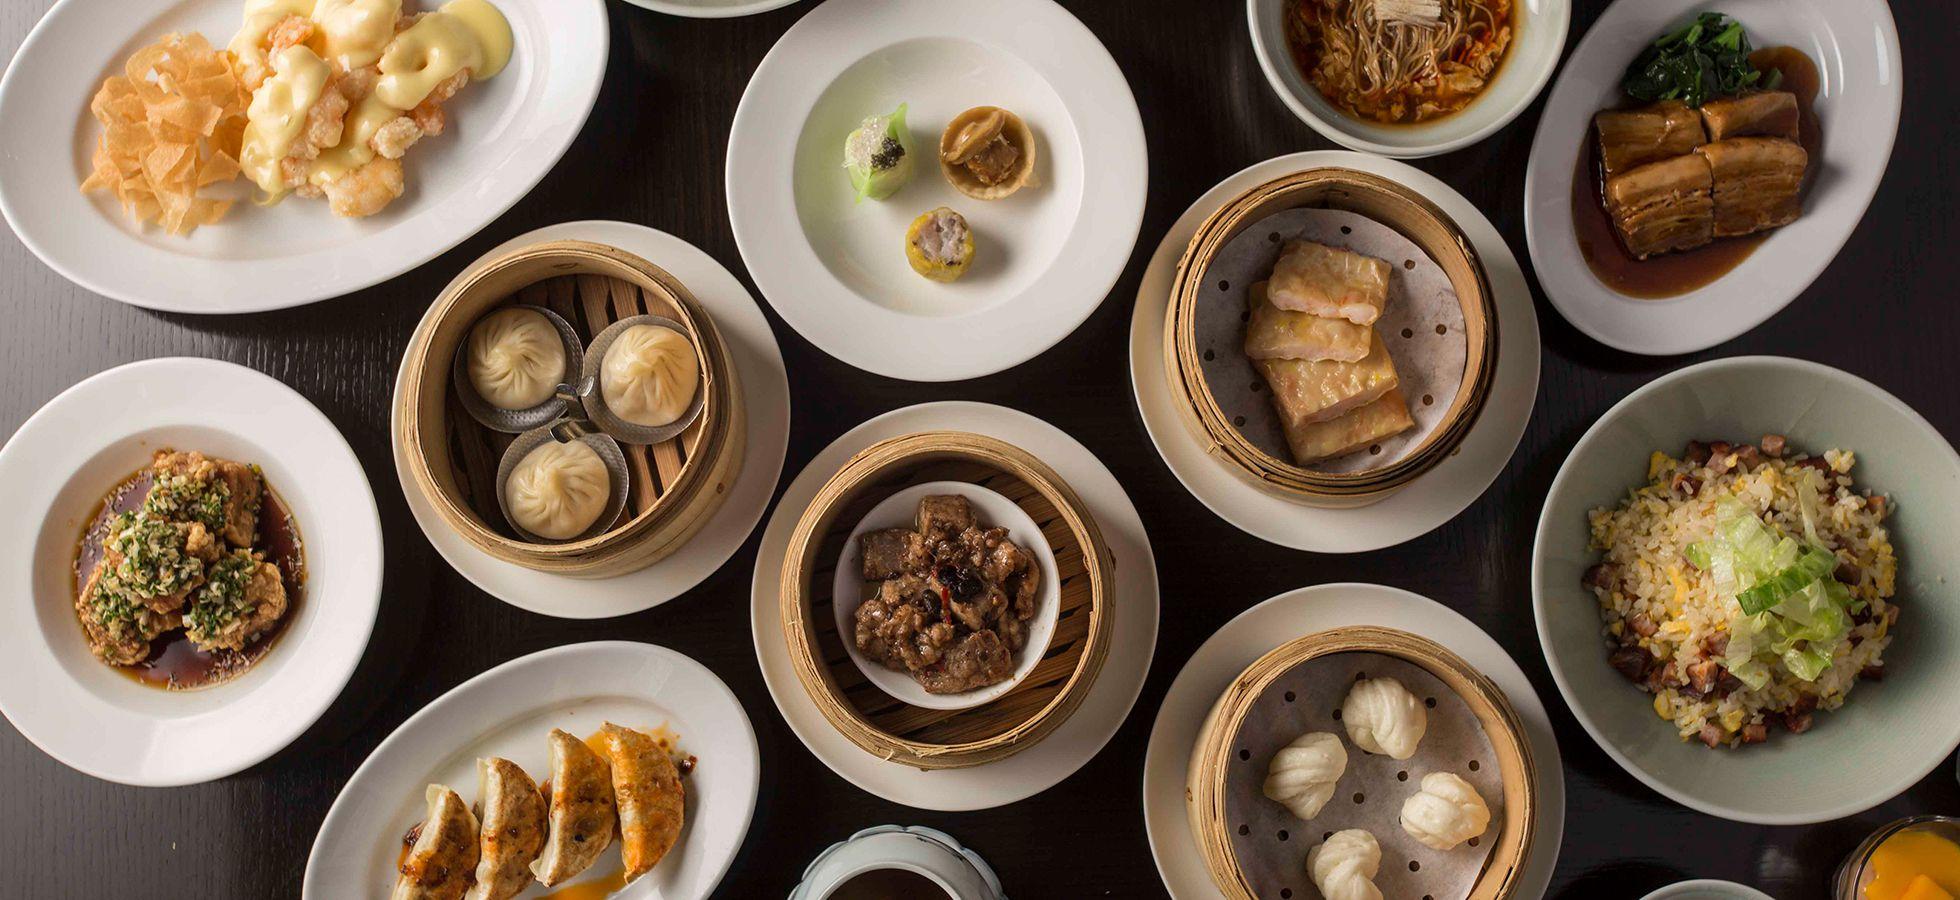 飲茶・中華、中国料理「チャイナルーム」